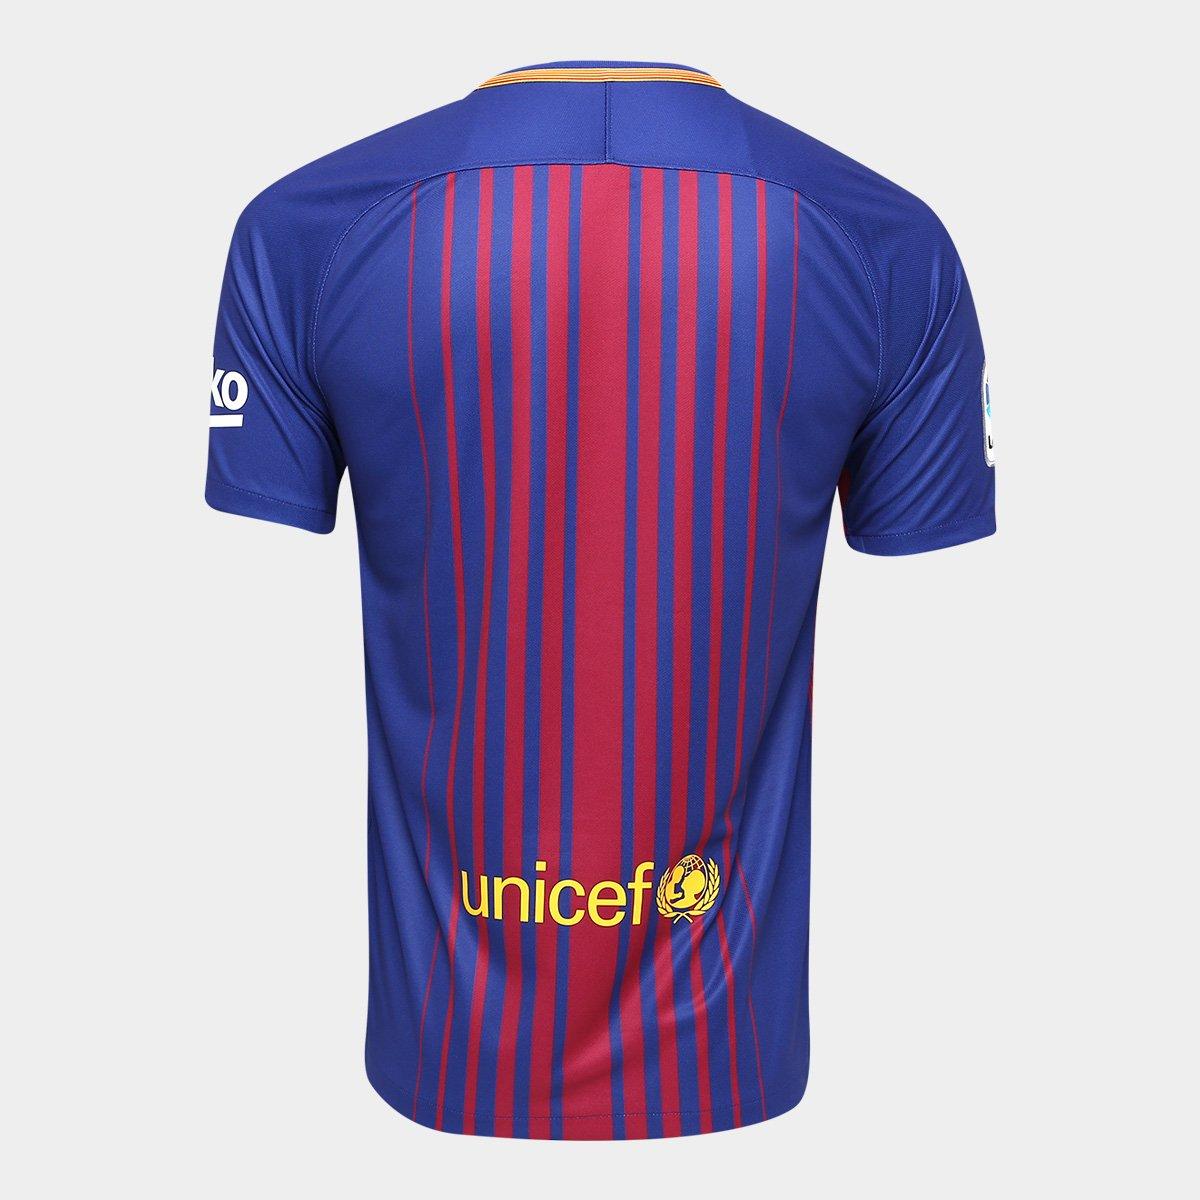 Camisa Barcelona Home 17 18 s nº Torcedor Nike Masculina - Compre ... 4c1da93051eba